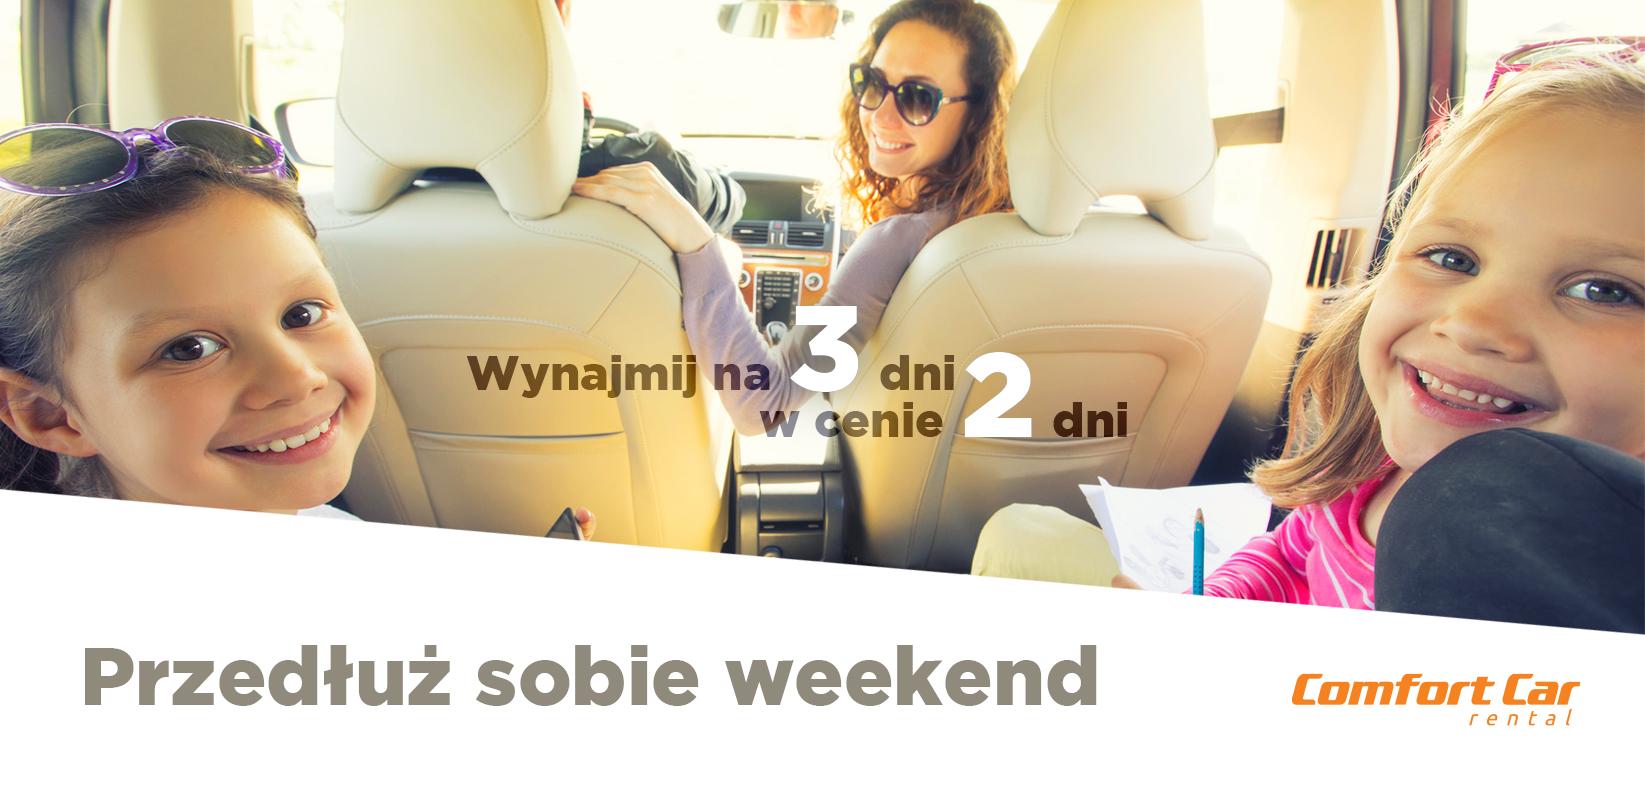 przedłuż sobie weekend 3 dni w cenie 2